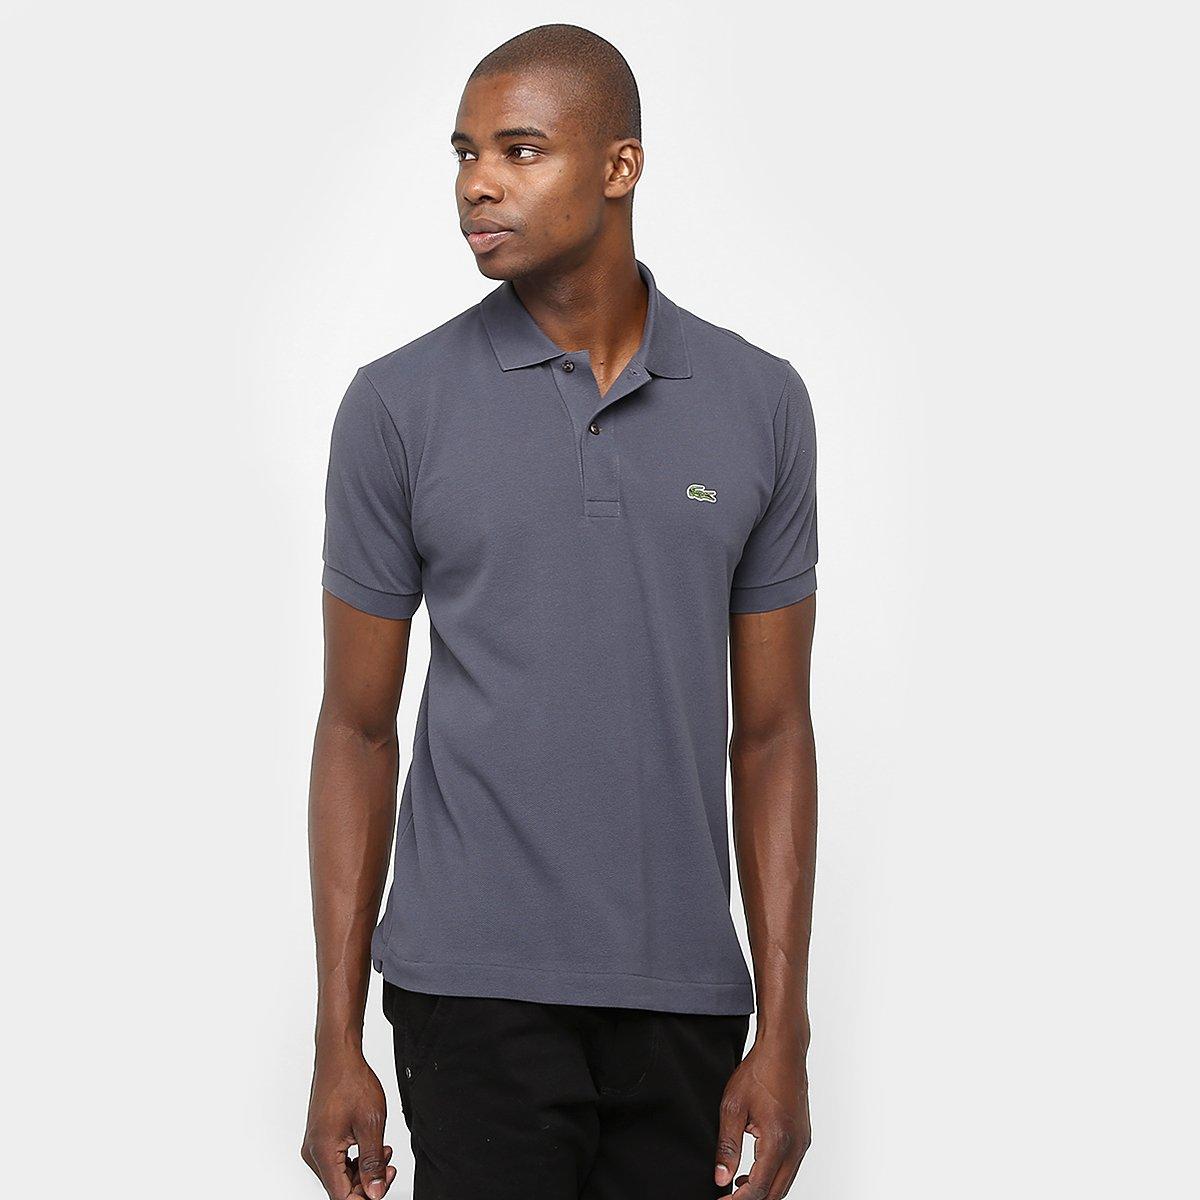 9dbbaa57912df Camisa Polo Lacoste Piquet Original Fit - Compre Agora